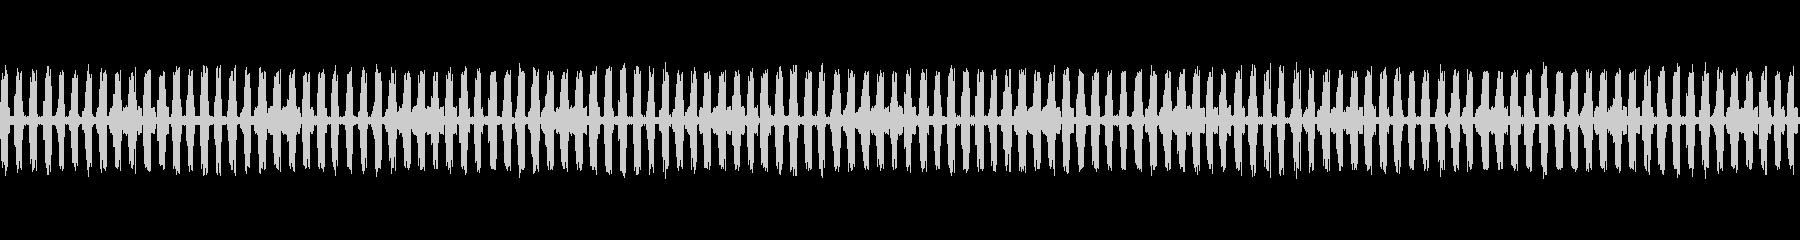 【生録音】秋の虫たちが鳴く音1 ループの未再生の波形